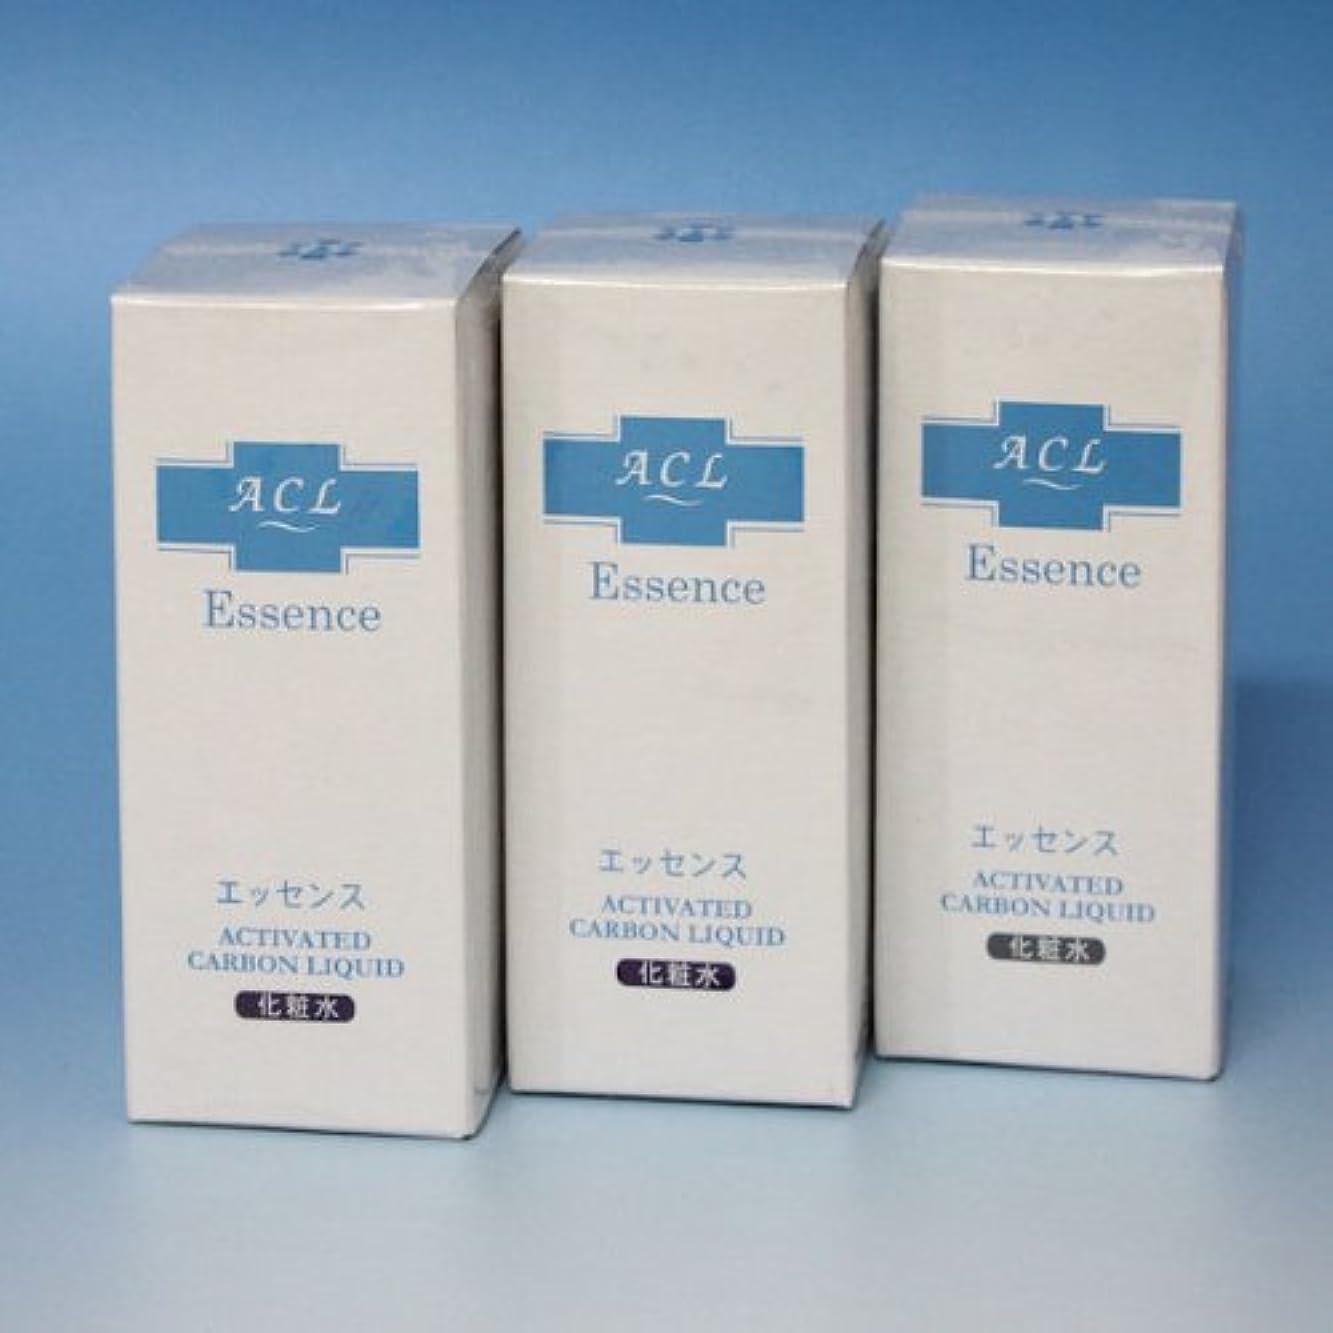 不毛のブランチ繊維ACL(アクル) エッセンス 50ml3箱セット *50ml進呈( 5mlサンプル×10本) 進呈